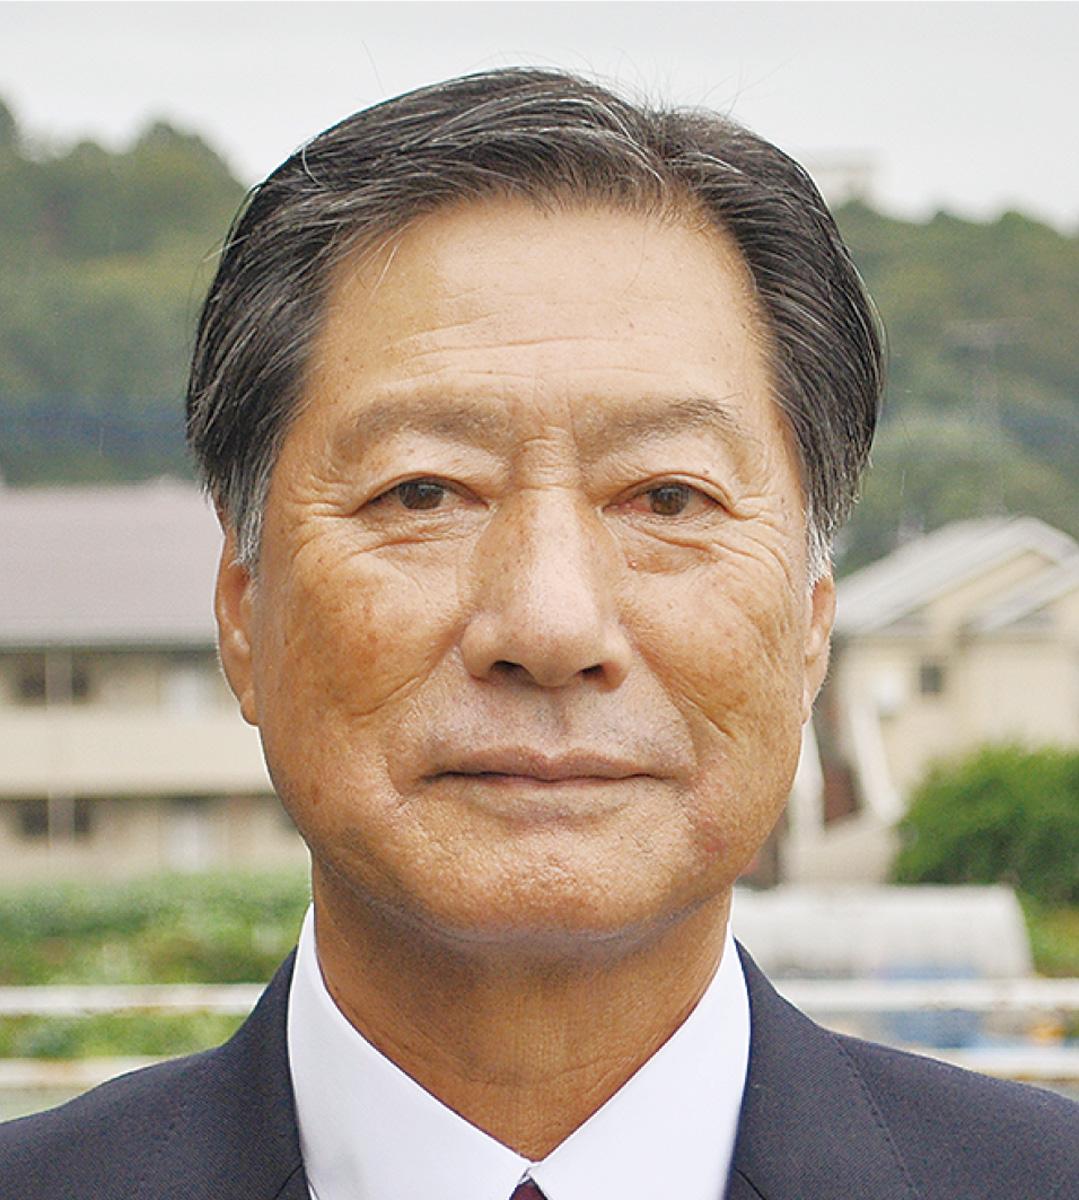 鈴木氏が立候補表明